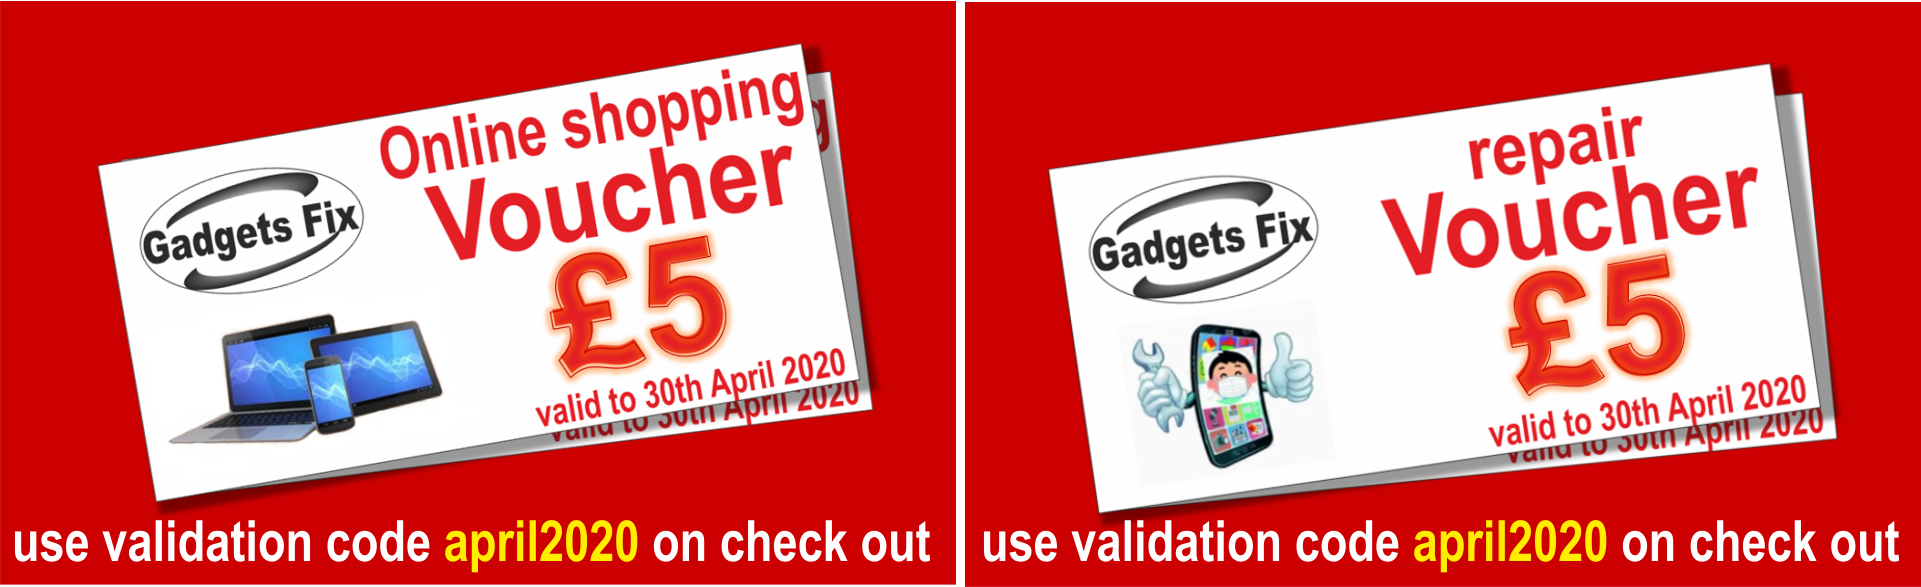 voucher april 2020 gadgets fix